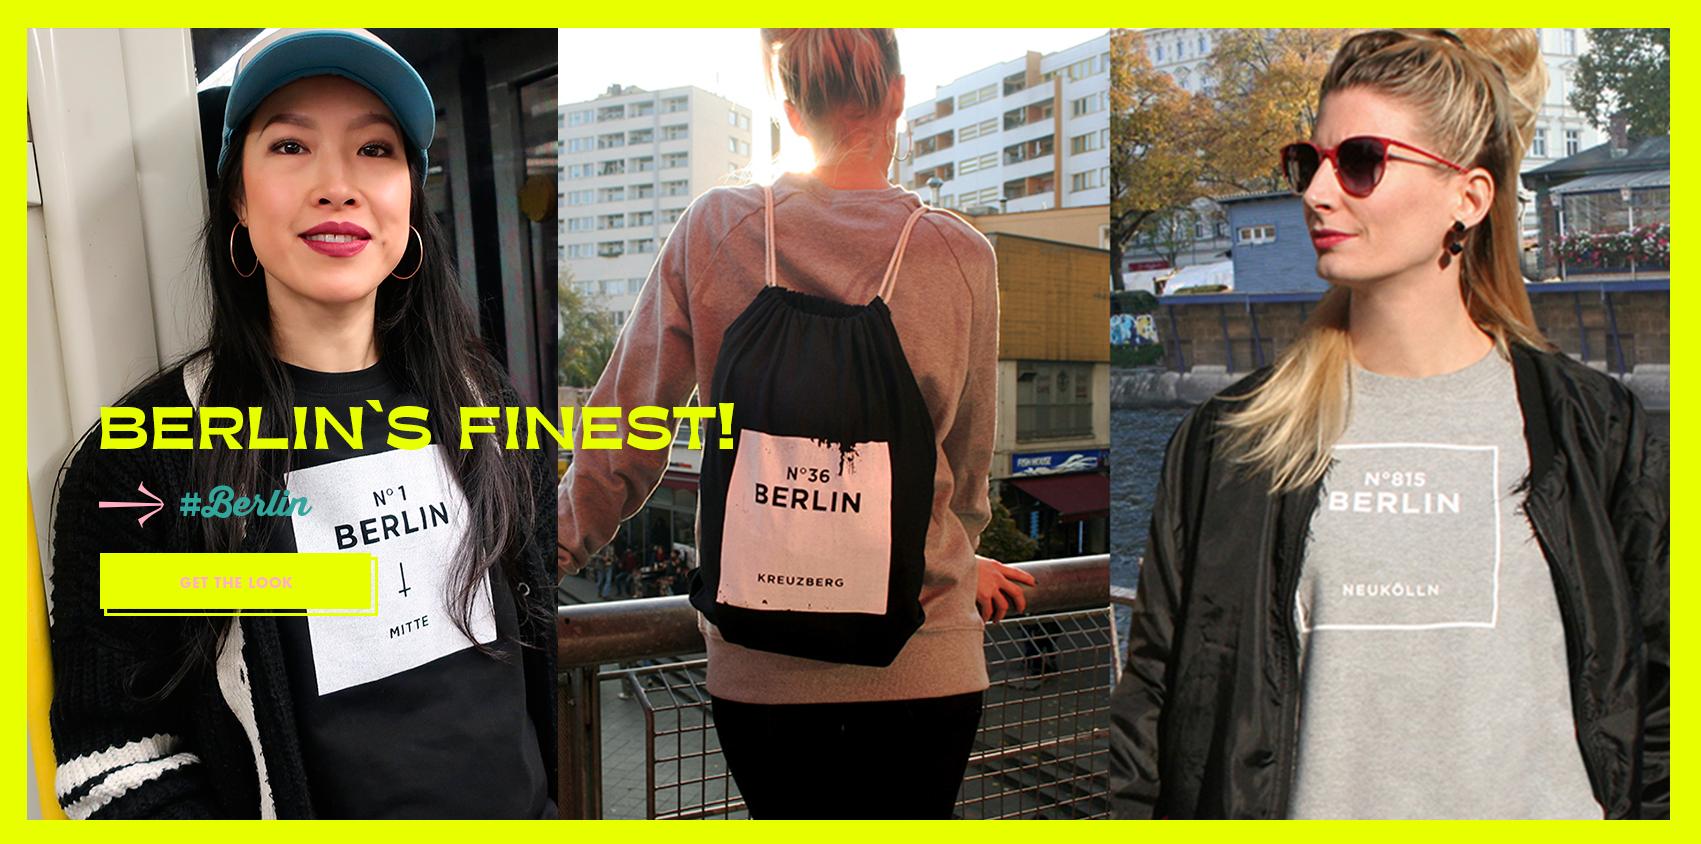 DIT IS BALIN - Berlin